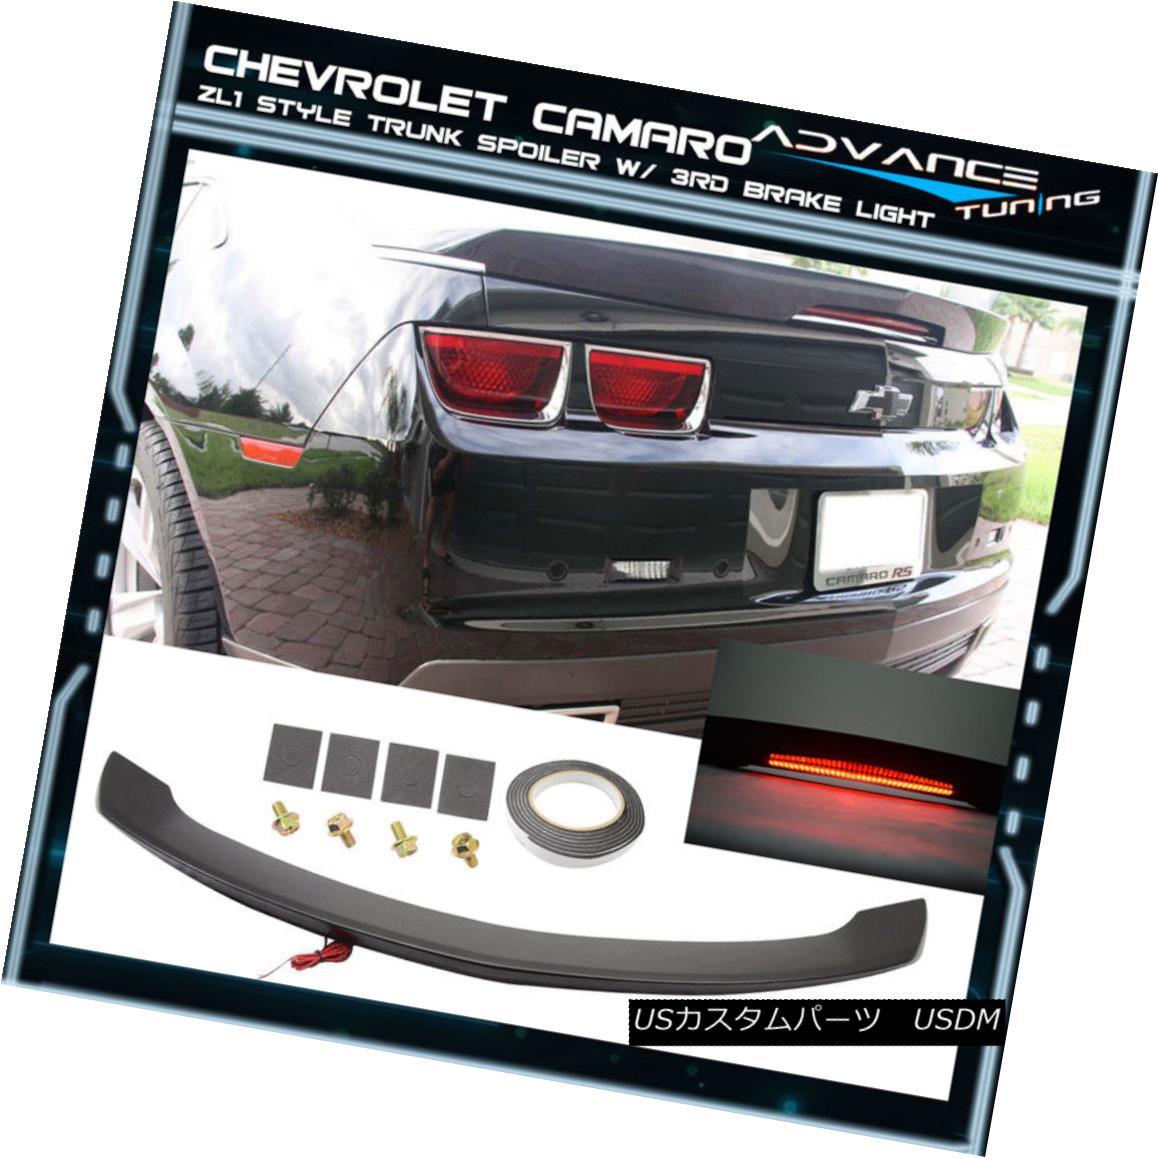 エアロパーツ Camaro ZL1 Style Unpainted Trunk Spoiler Black LED 3Rd Brake Light Lamp カマロZL1スタイル未塗装トランク・スポイラーブラックLED 3Rdブレーキランプ